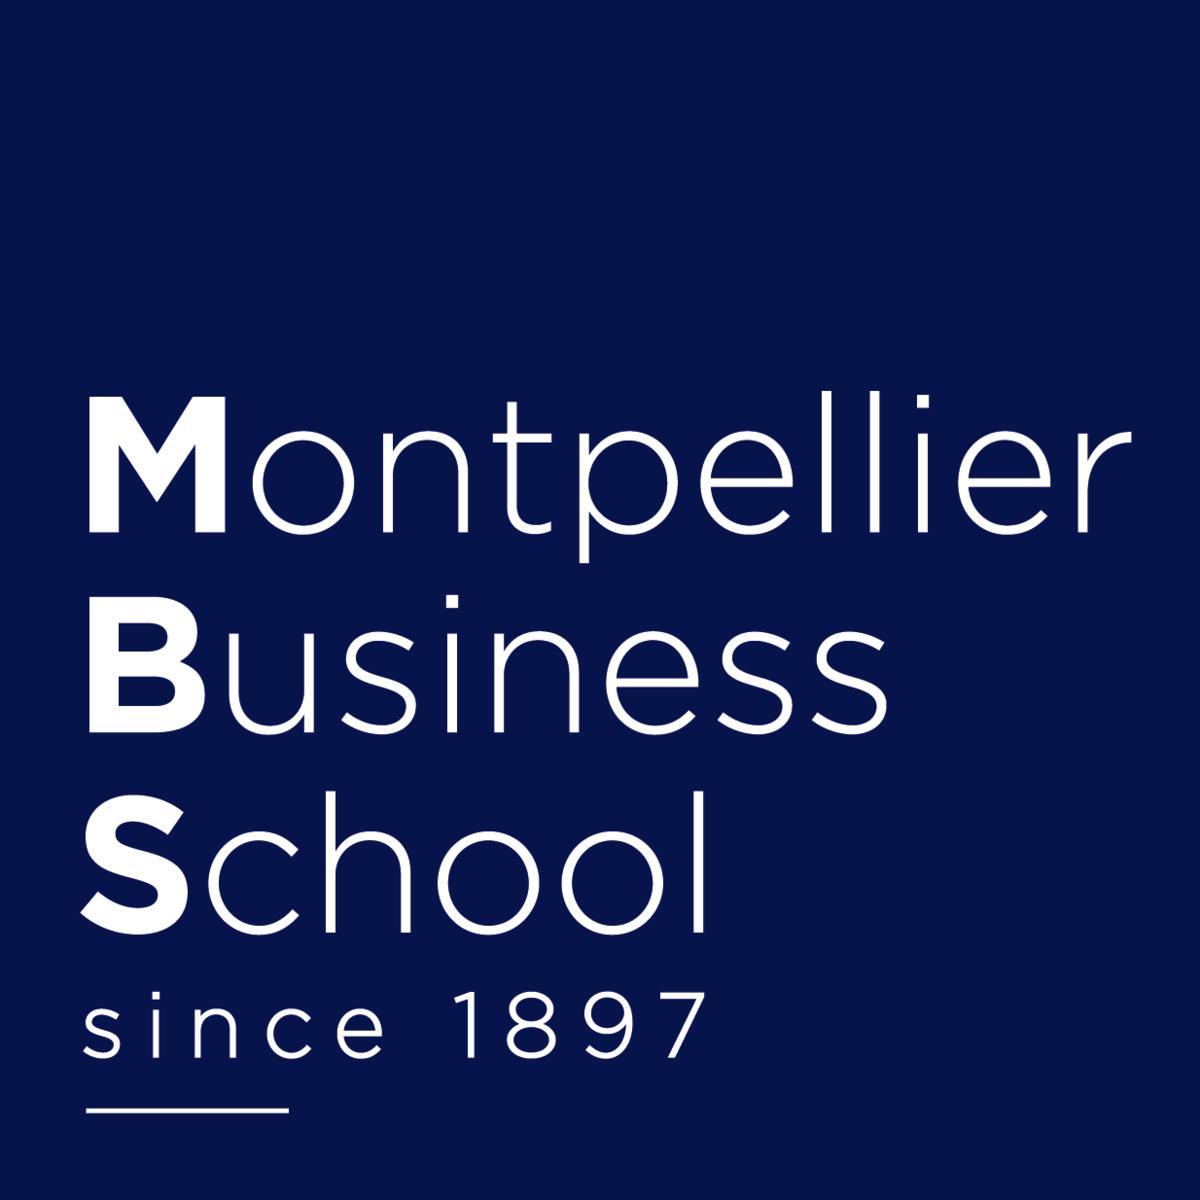 Montpellier Business School u2014 Wikipu00e9dia